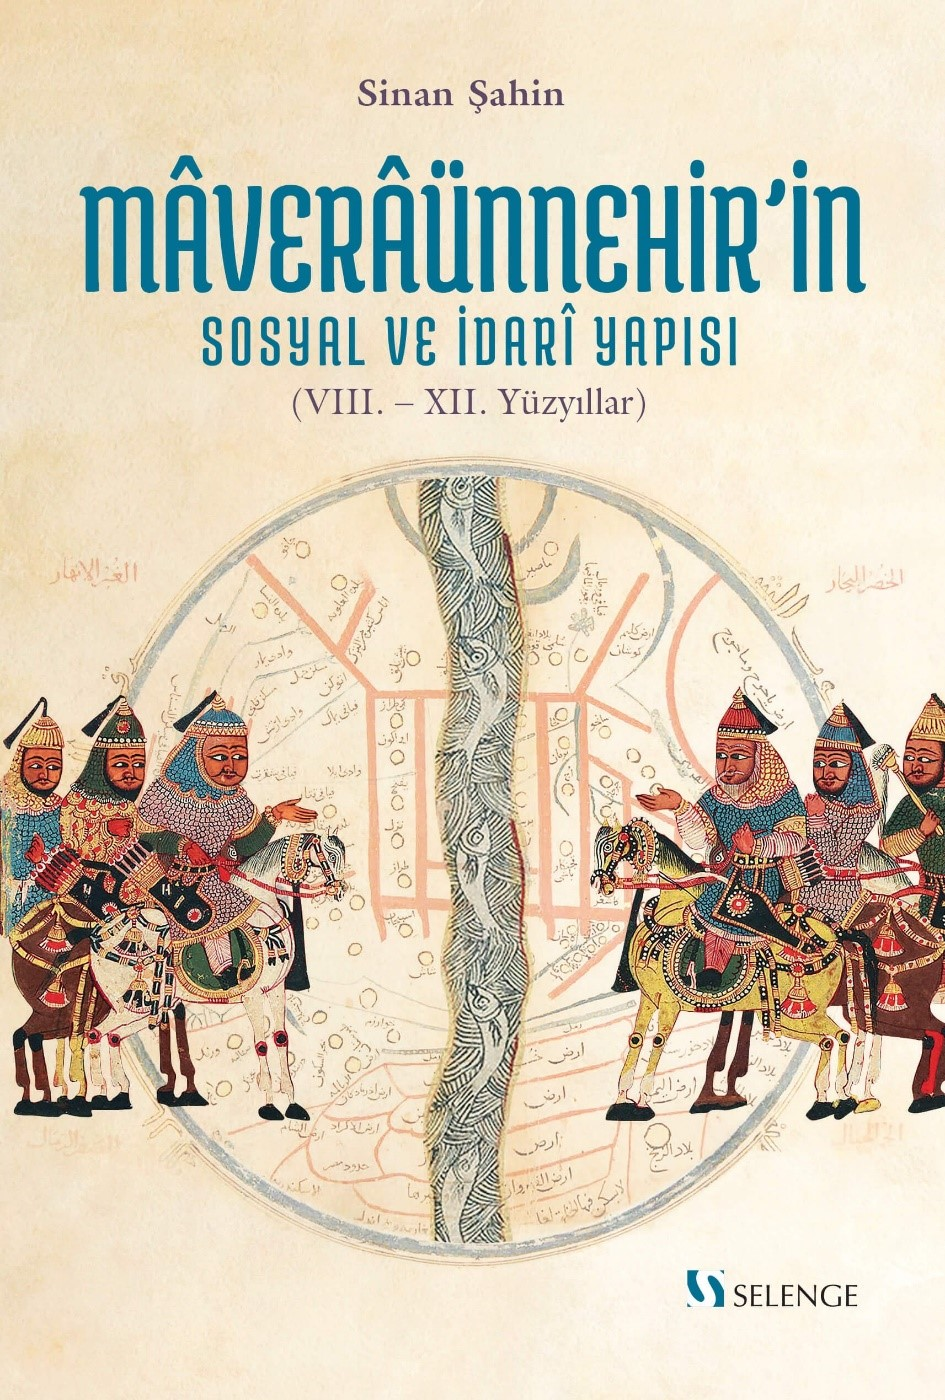 Maveraünnehir'in Sosyal ve İdari Yapısı (VIII.- XII. Yüzyıllar)